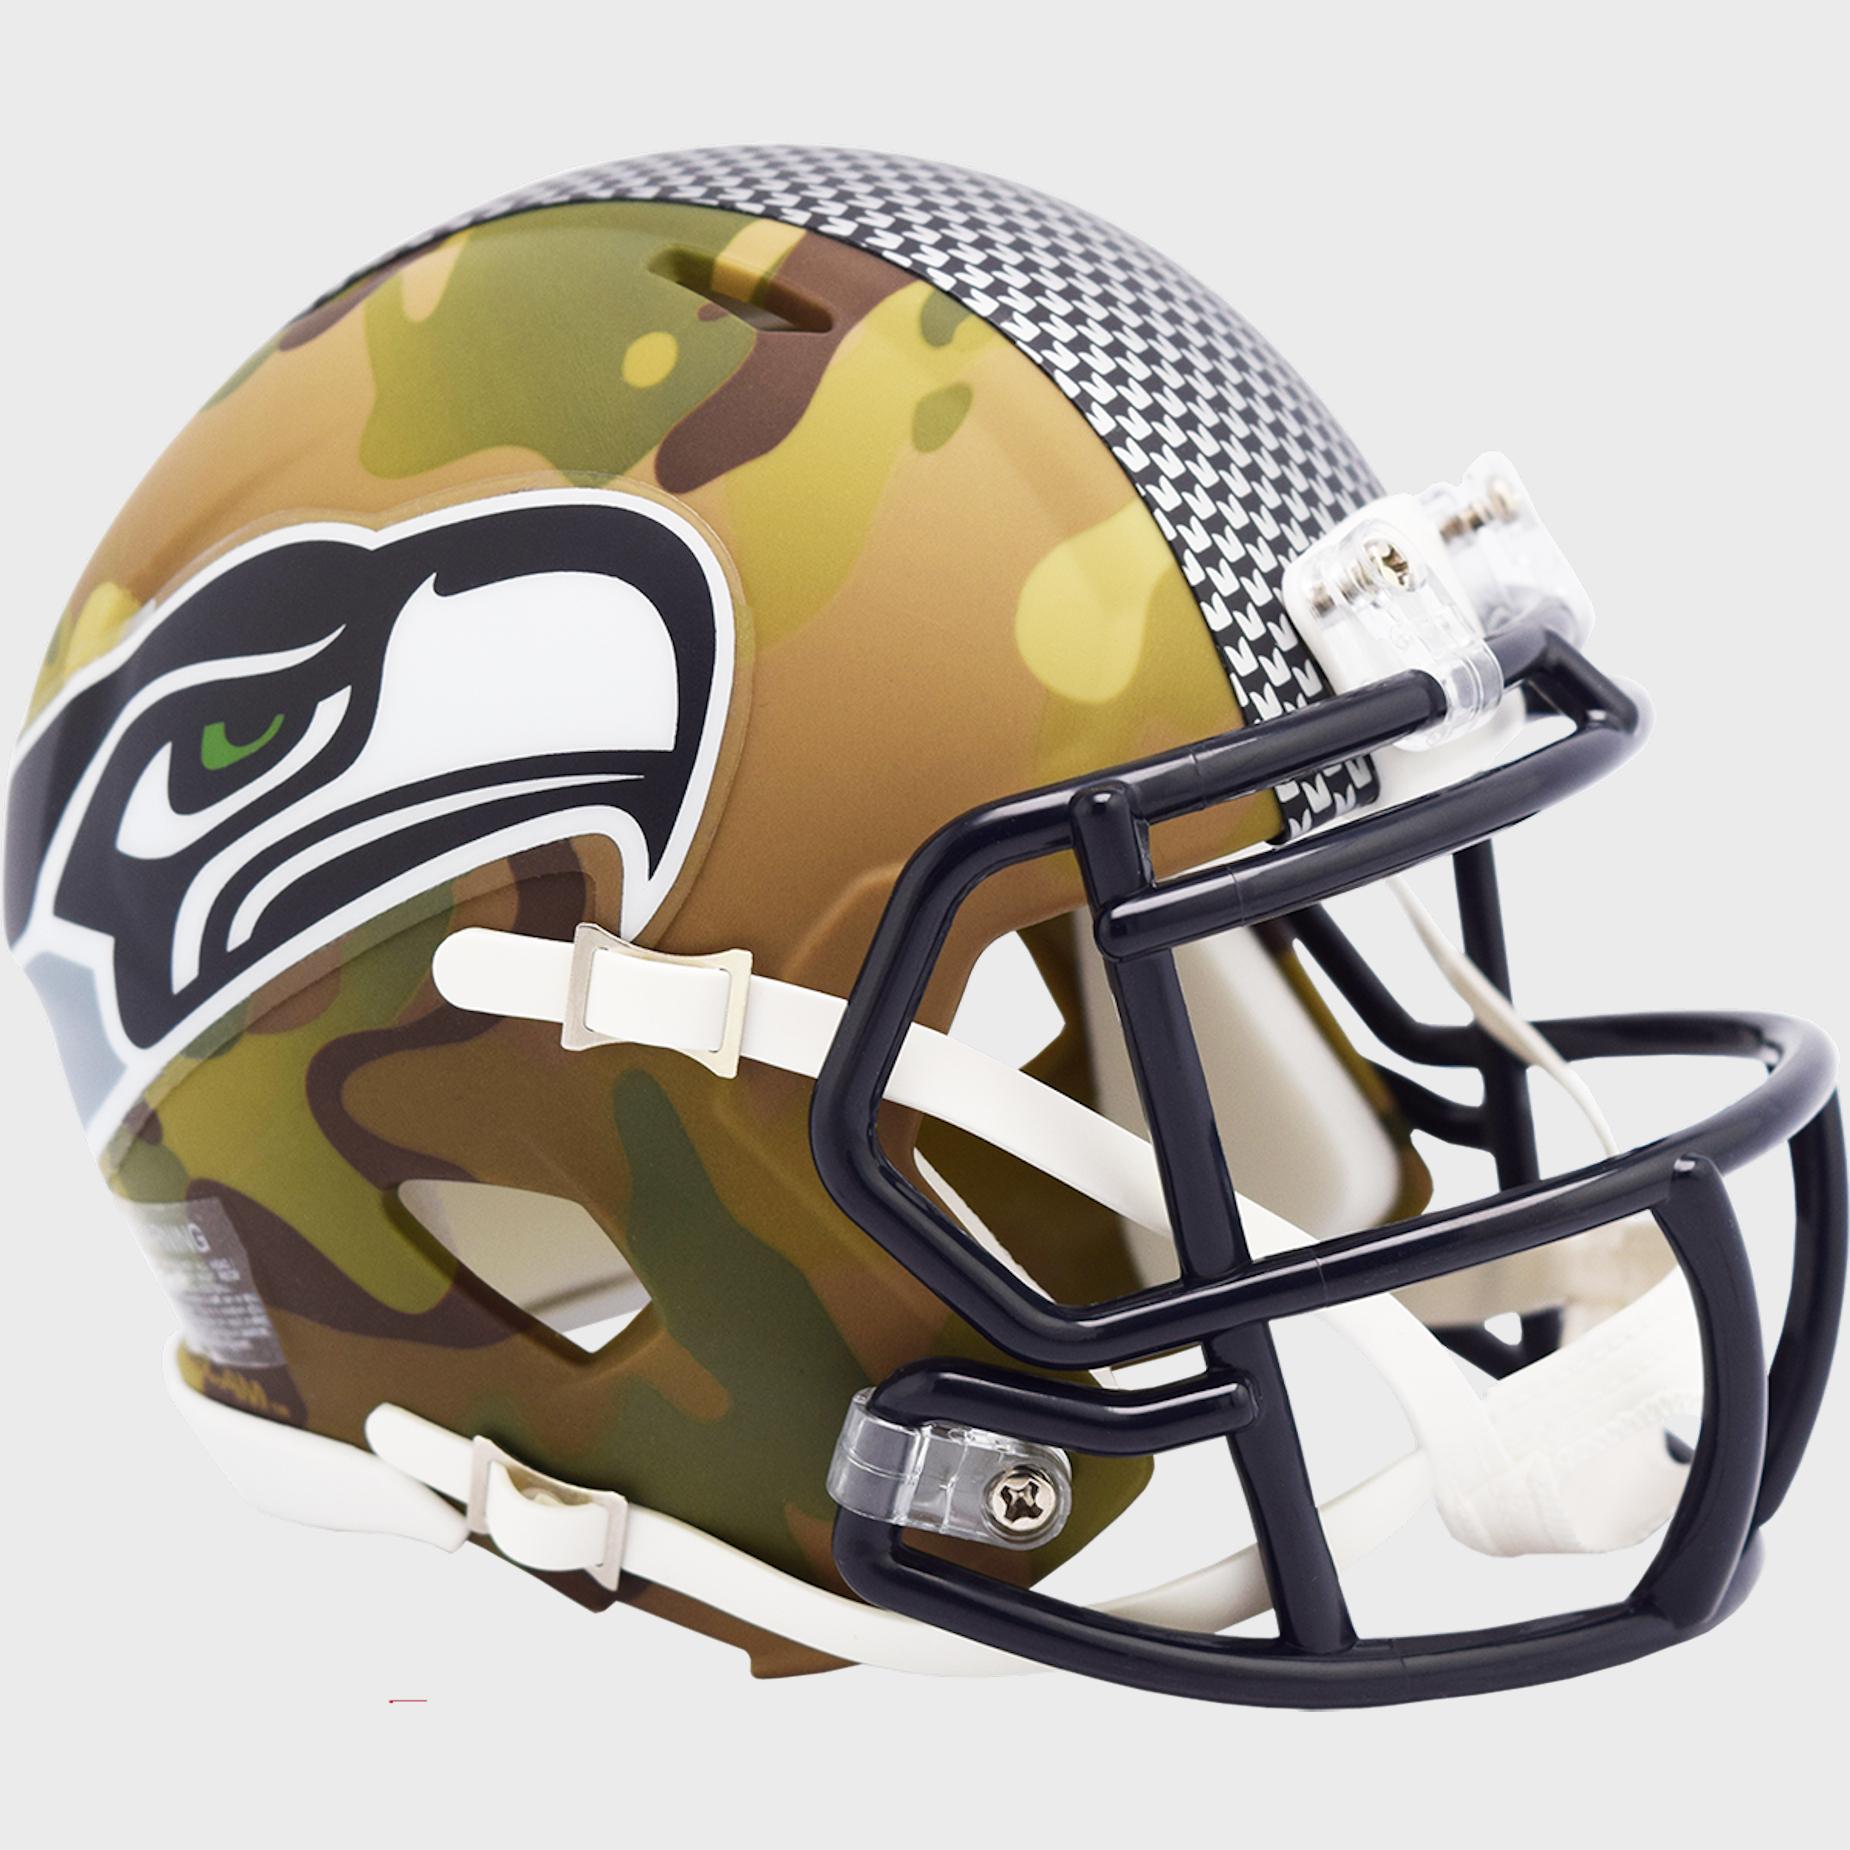 Seattle Seahawks NFL Mini Speed Football Helmet <B>CAMO</B>